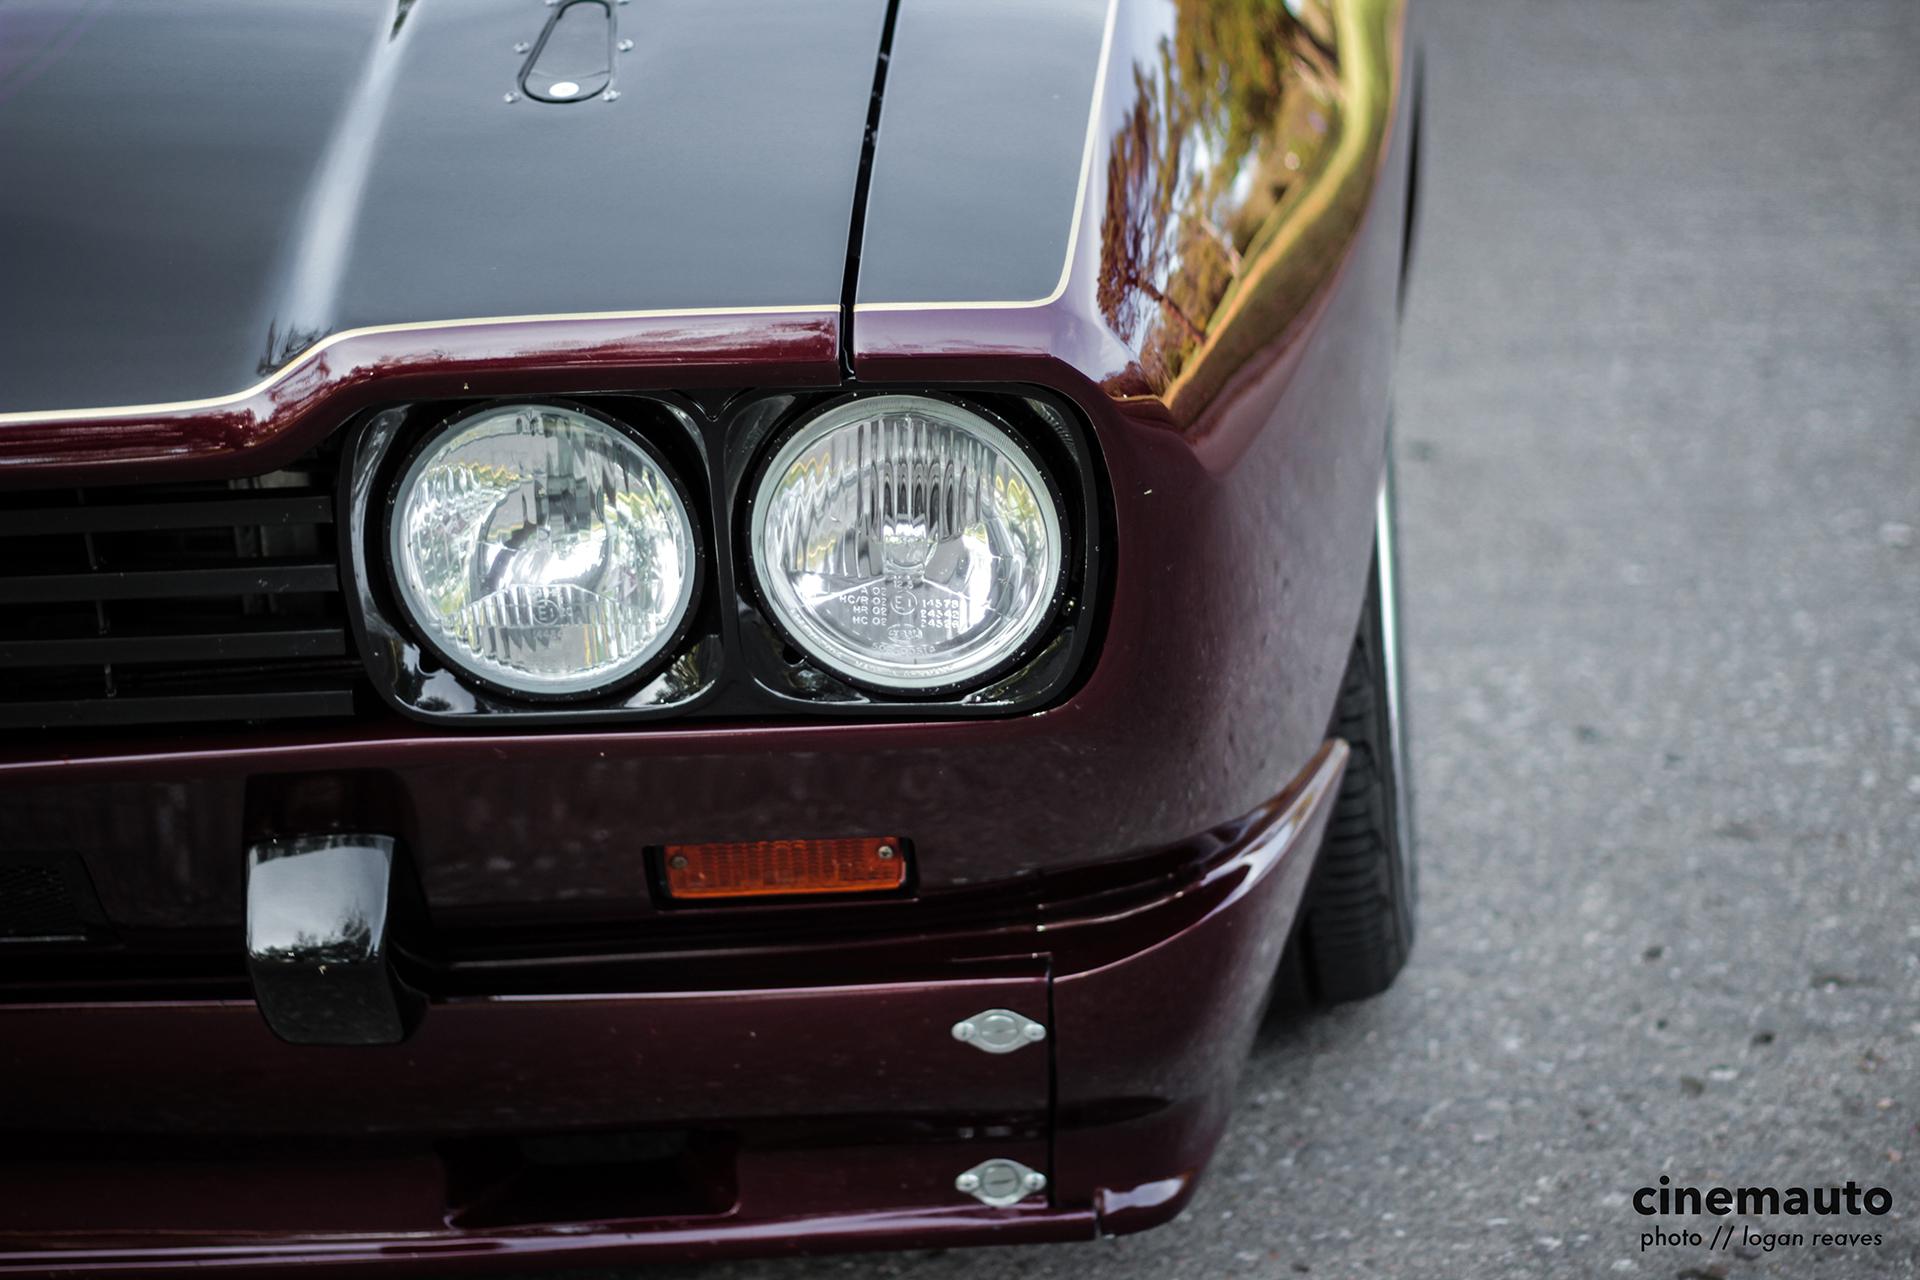 cinemauto-ford-capri-10.jpg